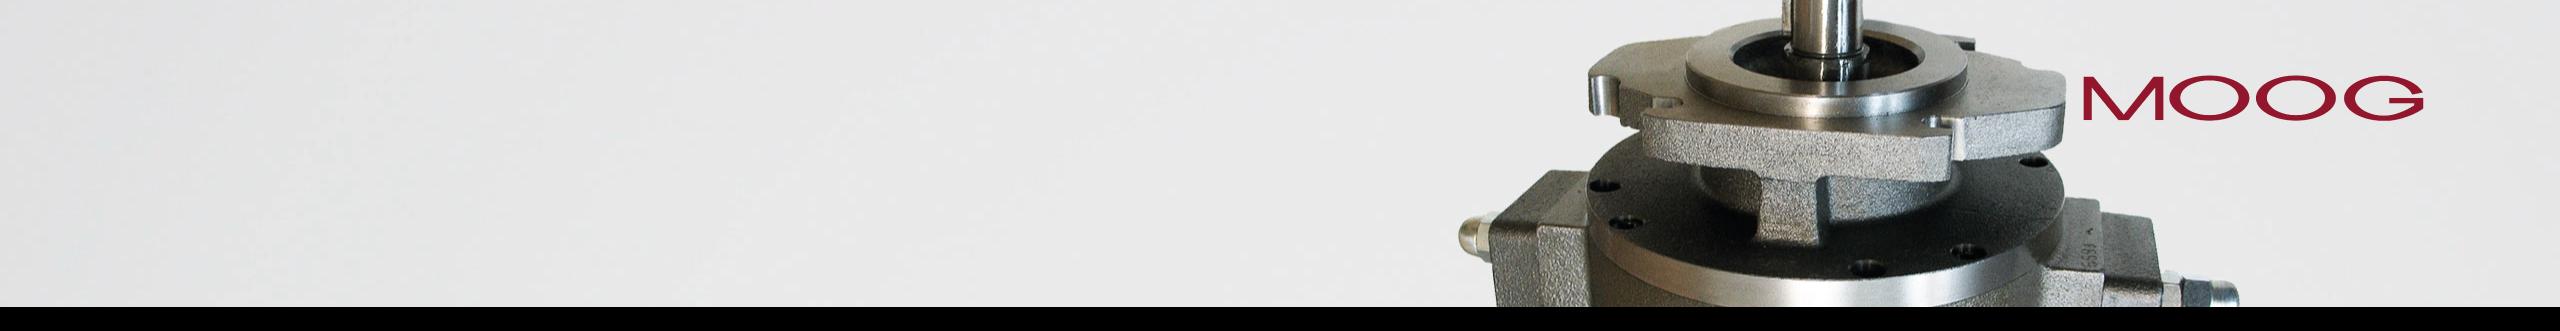 Moog Radialkolbenpumpe